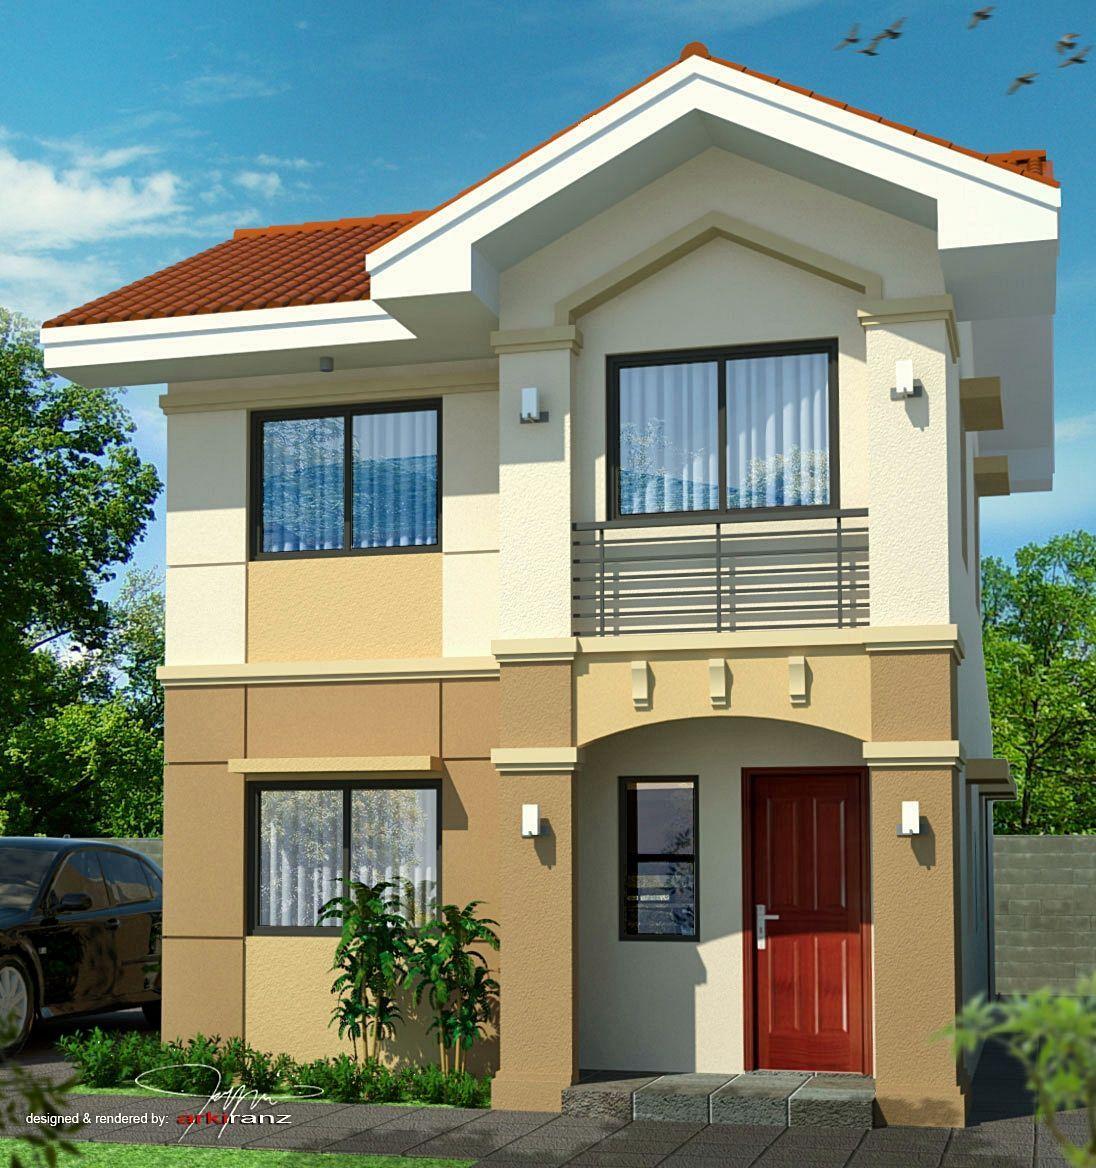 Casas Pequenas Com Fachadas Bonitas Buscar Con Google Casas Casas Modernas Planos De Casas